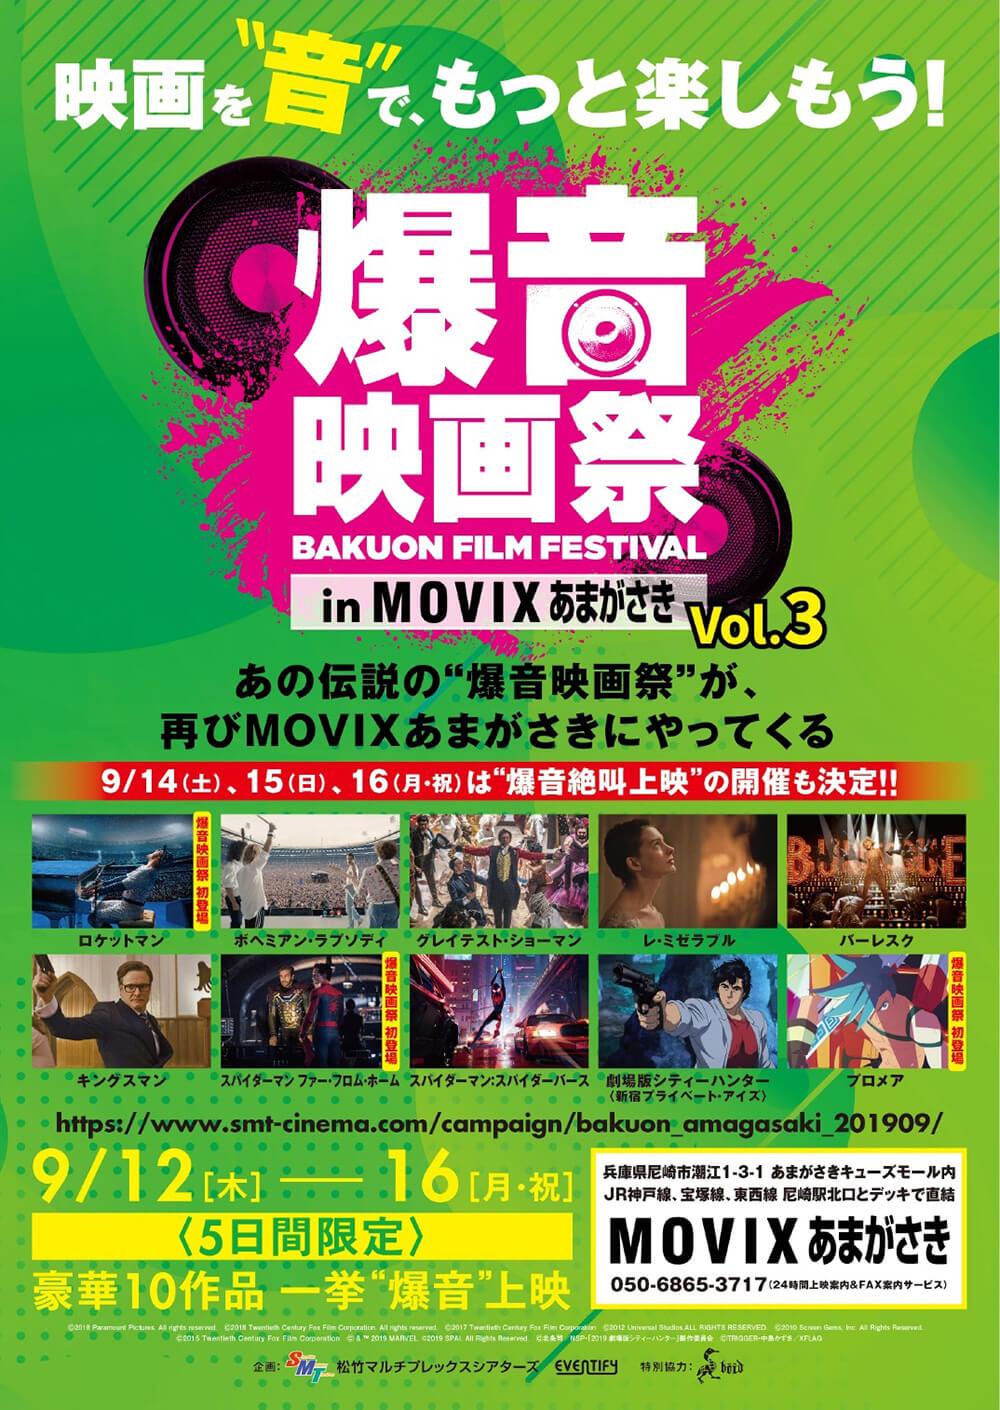 MOVIXあまがさきの爆音映画際で上映決定!